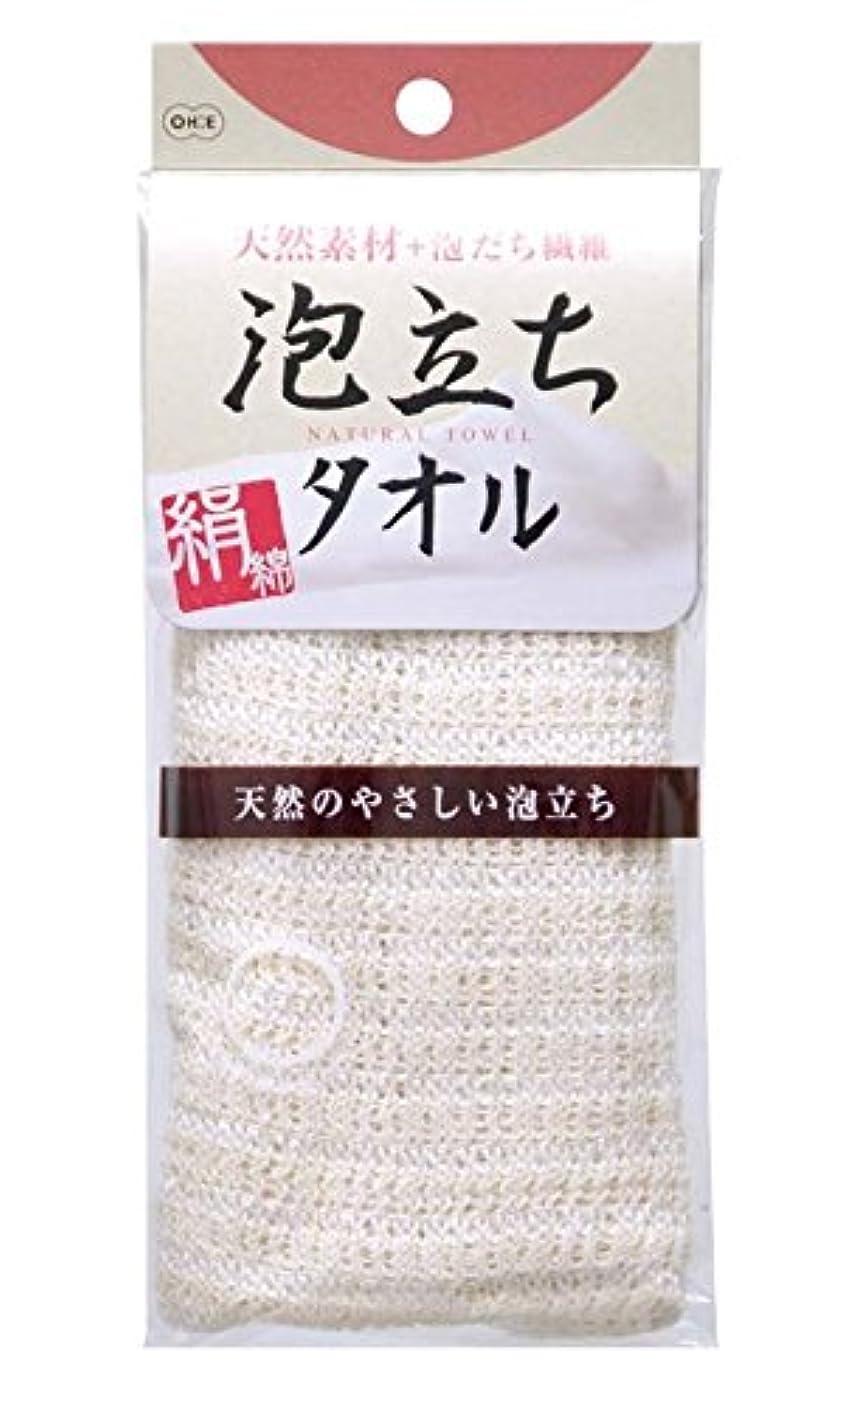 排他的エクスタシーカスケードオーエ 泡立ち天然タオル 絹綿